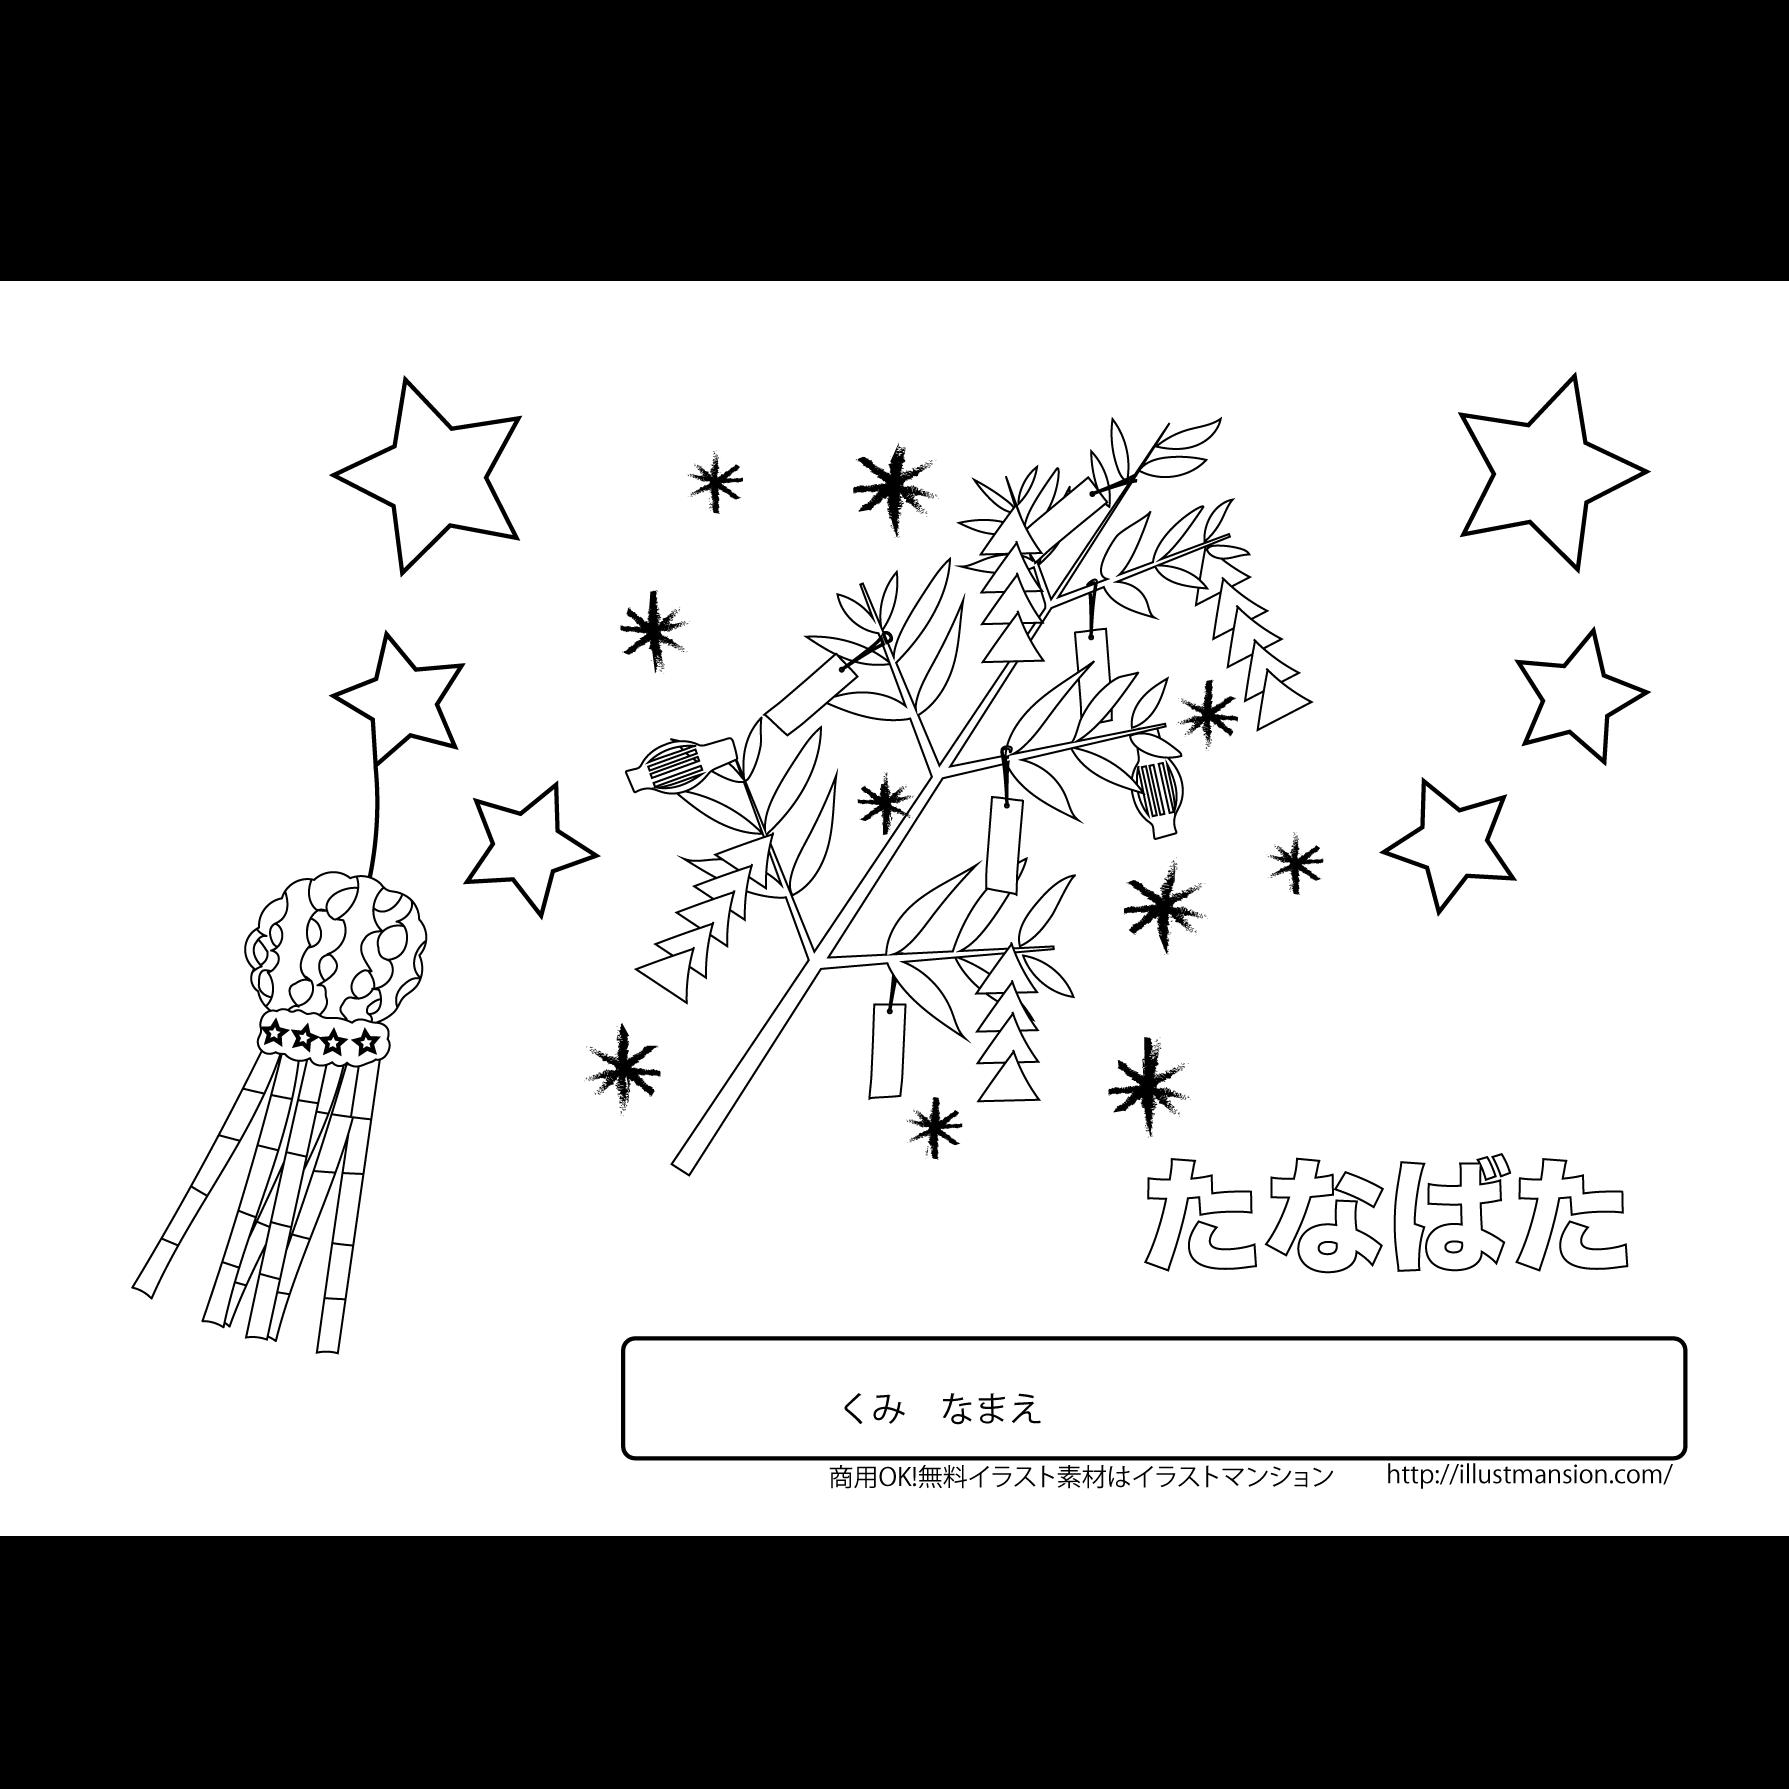 七夕飾り 子供用 無料 ぬりえ イラスト 商用フリー無料の